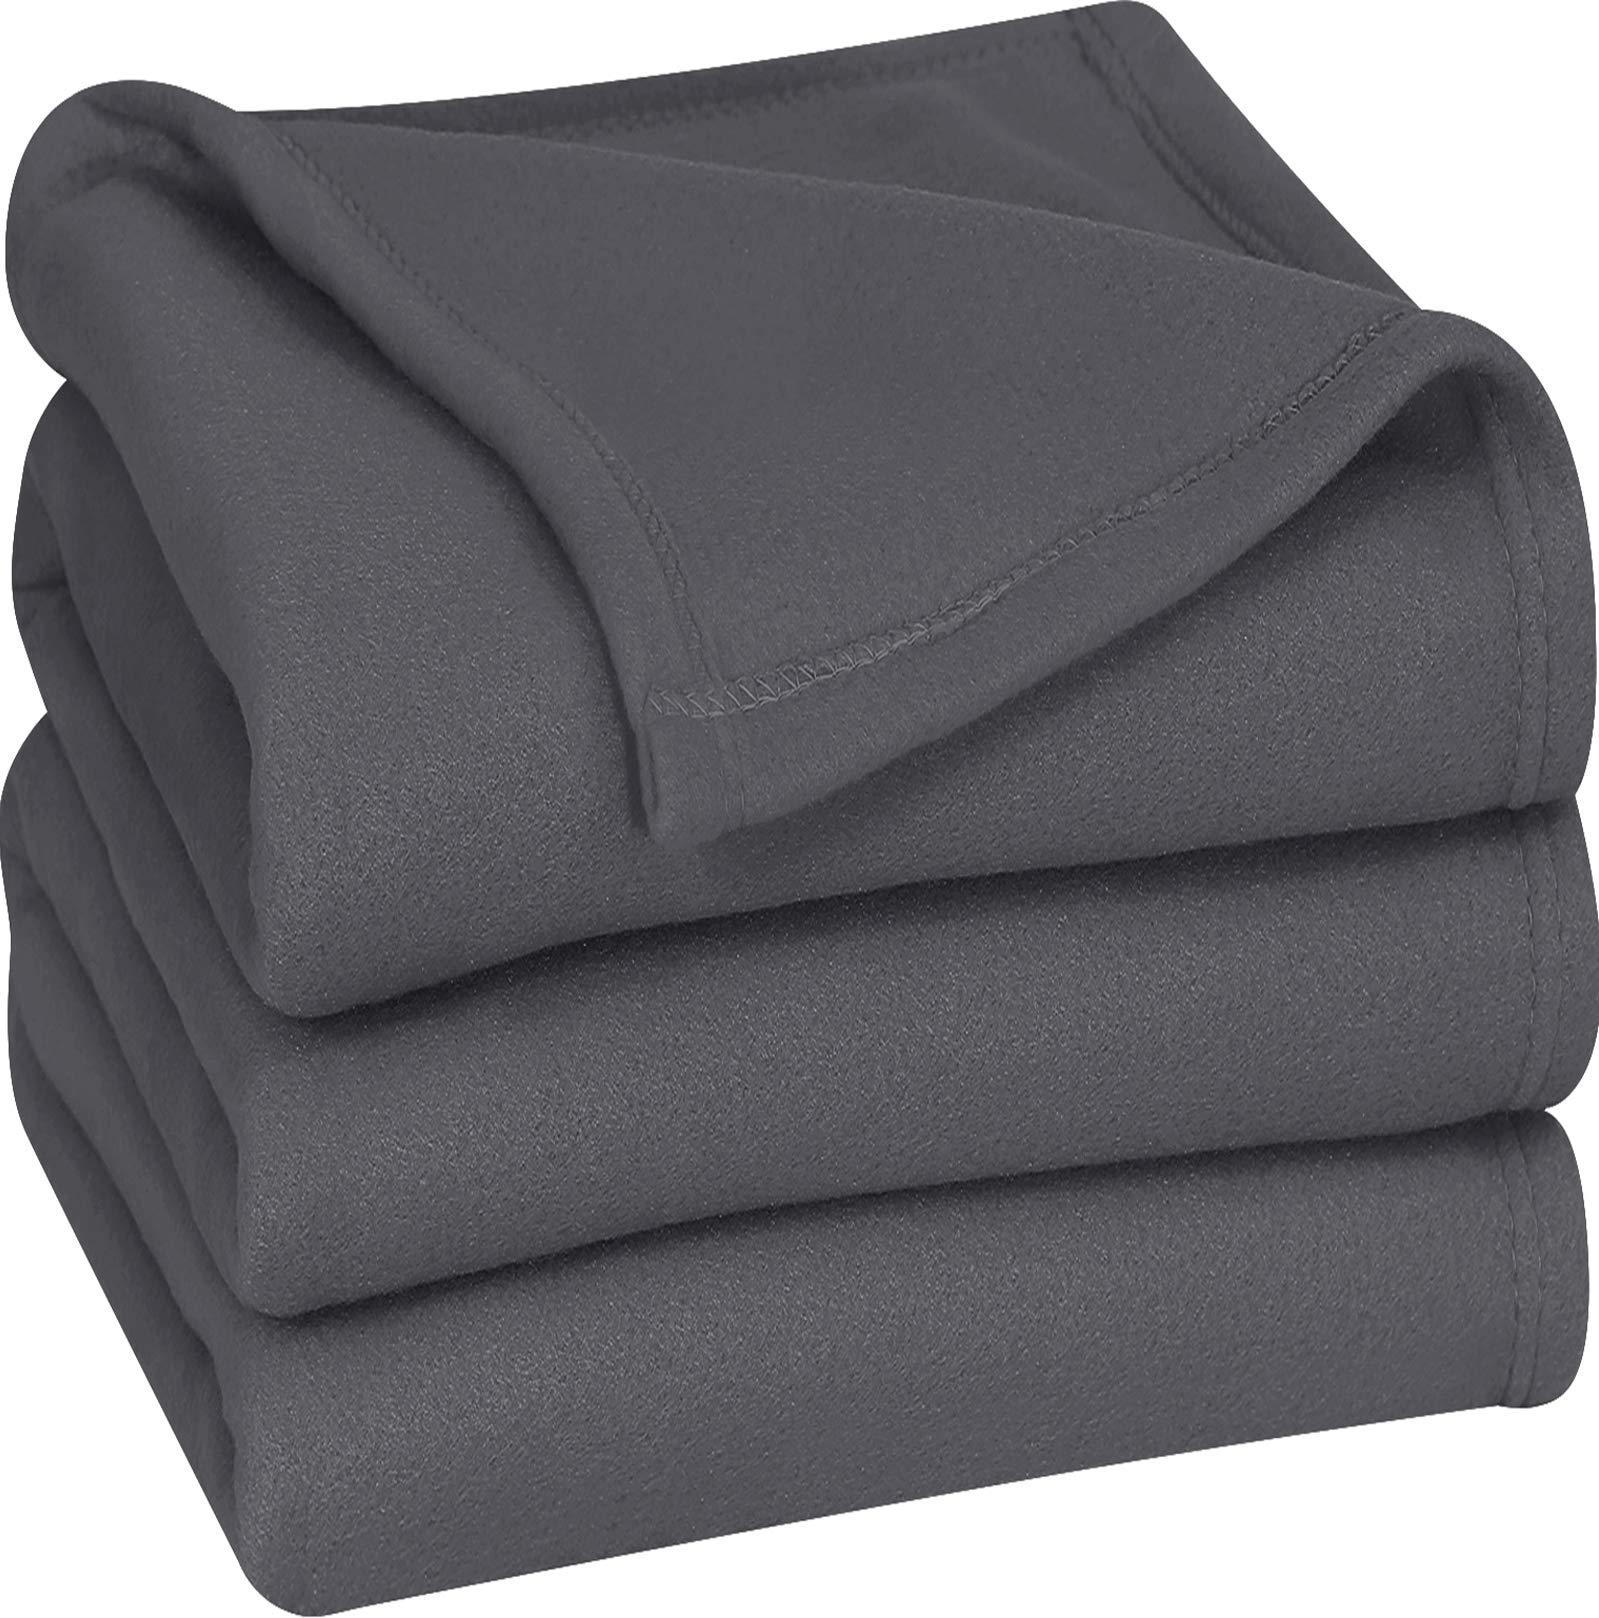 Utopia Bedding Fleece Blanket Twin Size Grey Soft